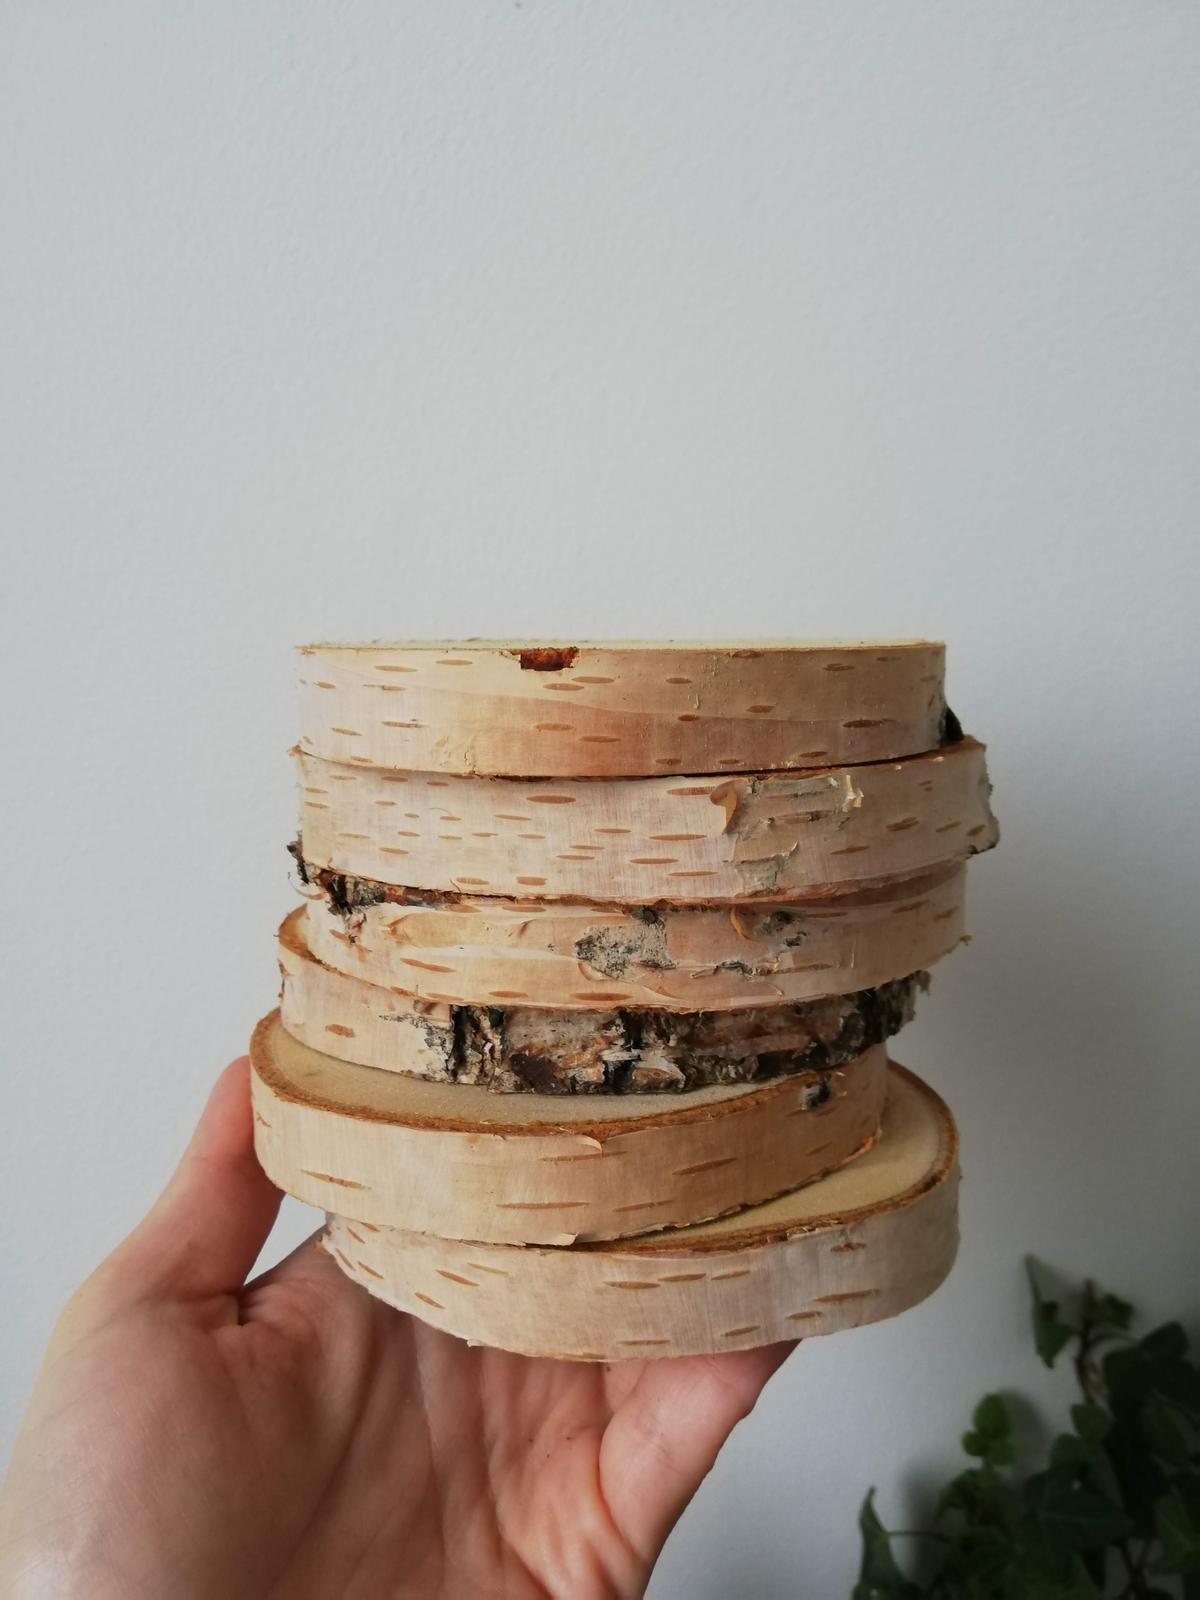 Kulatiny z břízy průměr cca 10 cm - Obrázek č. 1